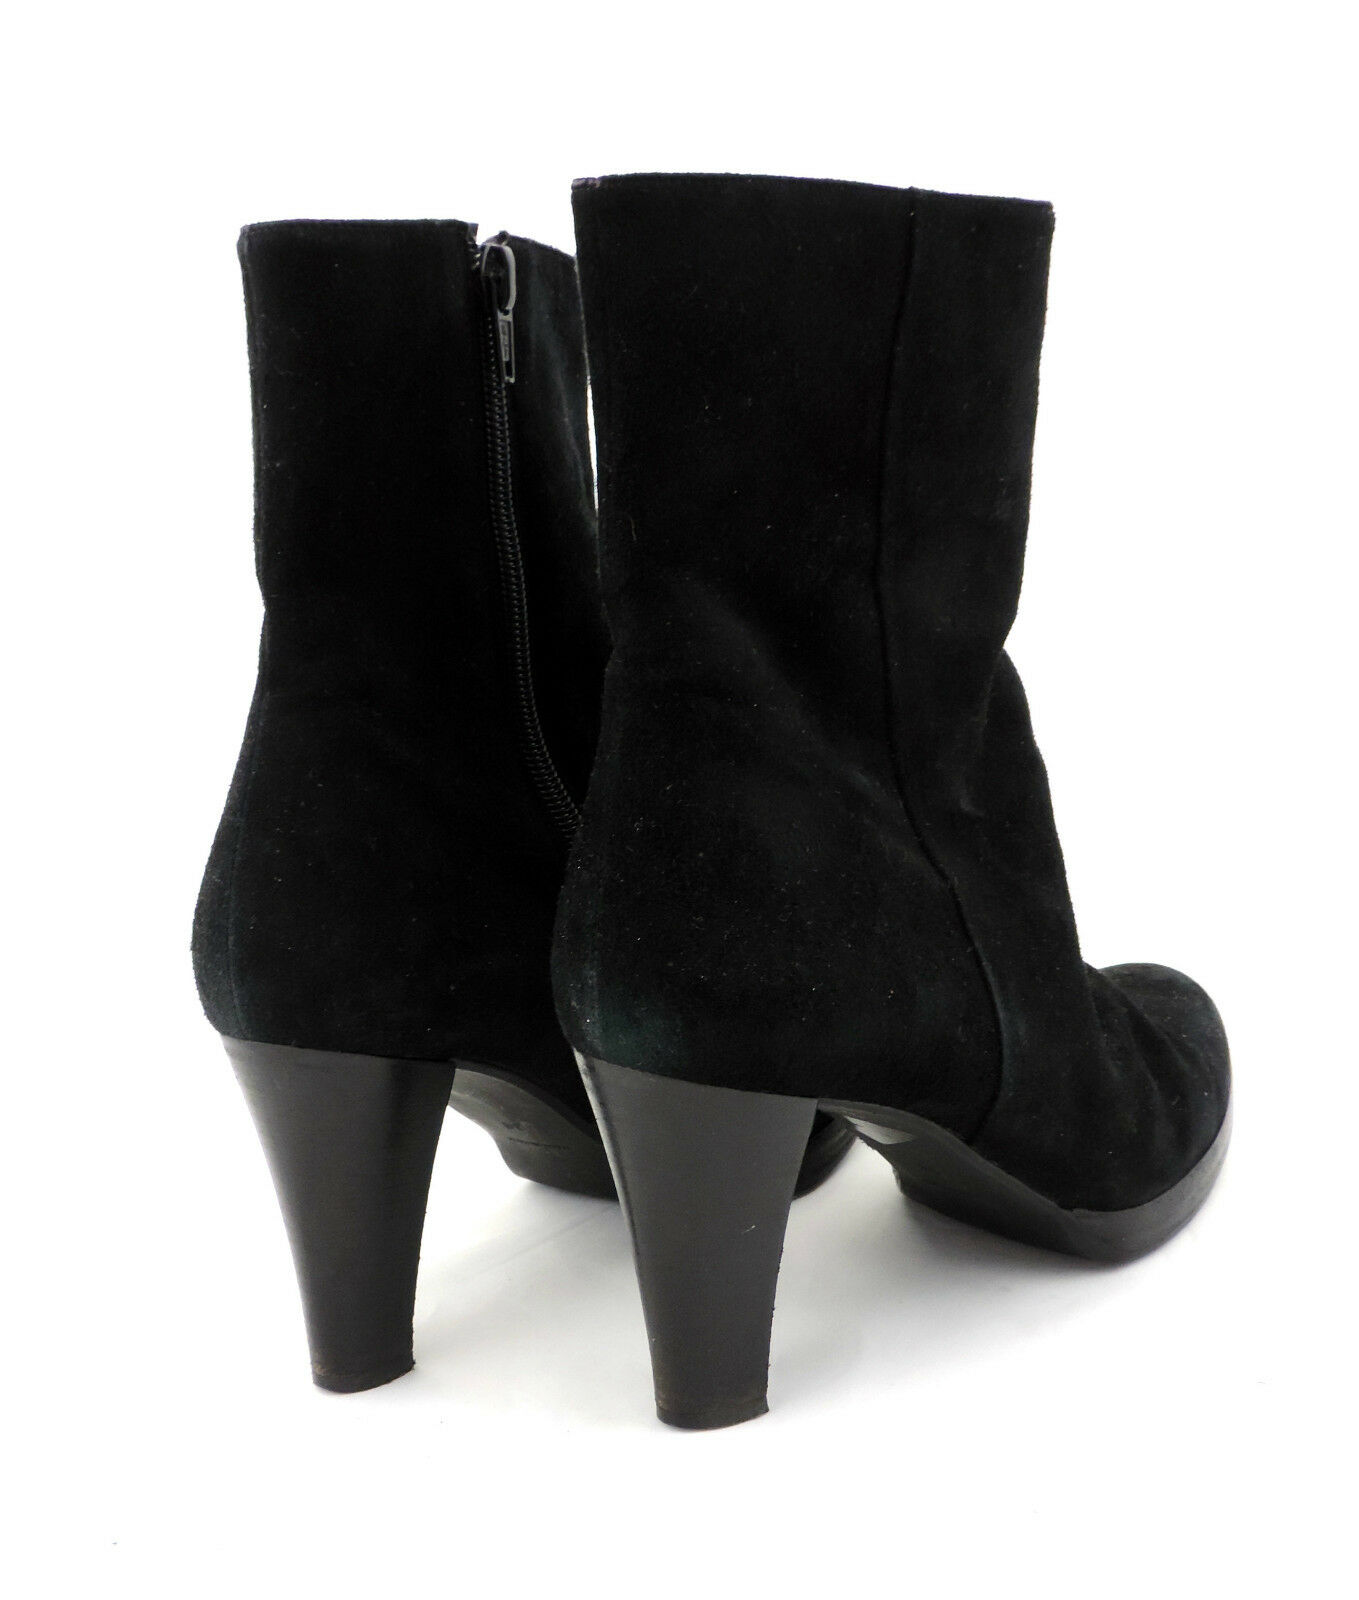 Denkstein schwarz Stiefelette 38 schwarz Denkstein Wildleder high heels top booties 77a81d